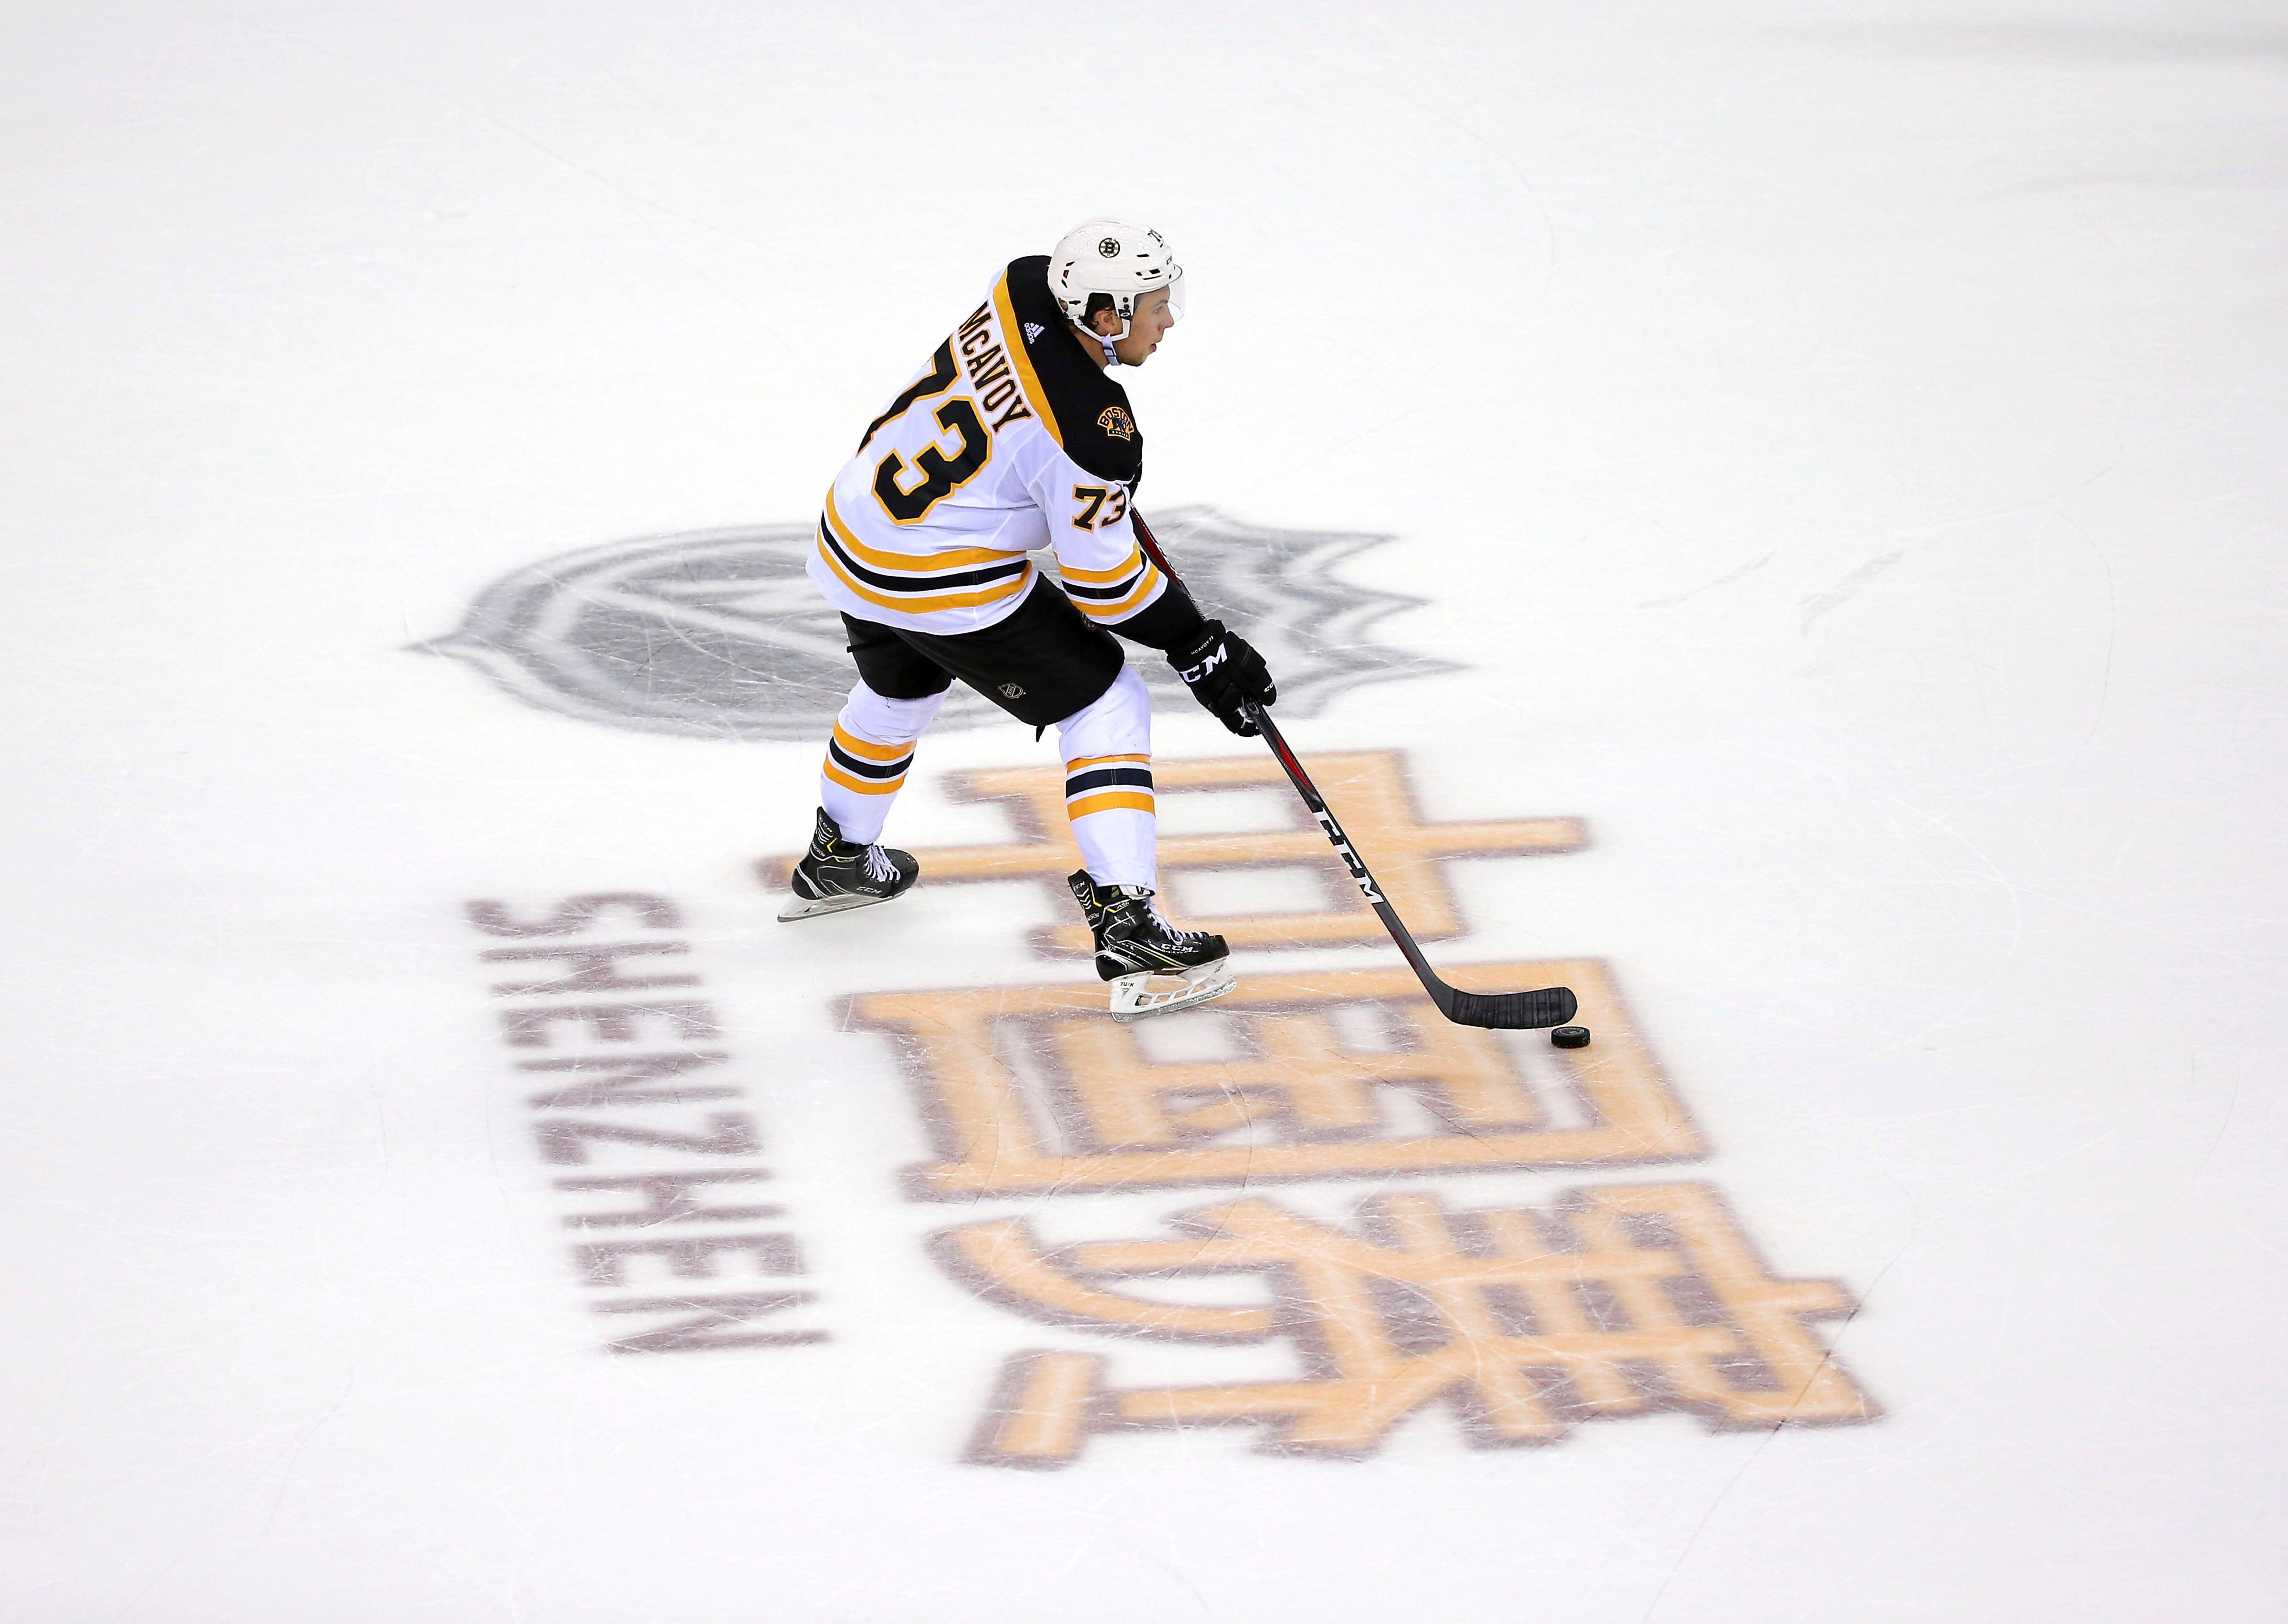 Bruins top Flames 4-3 in NHL preseason opener in China